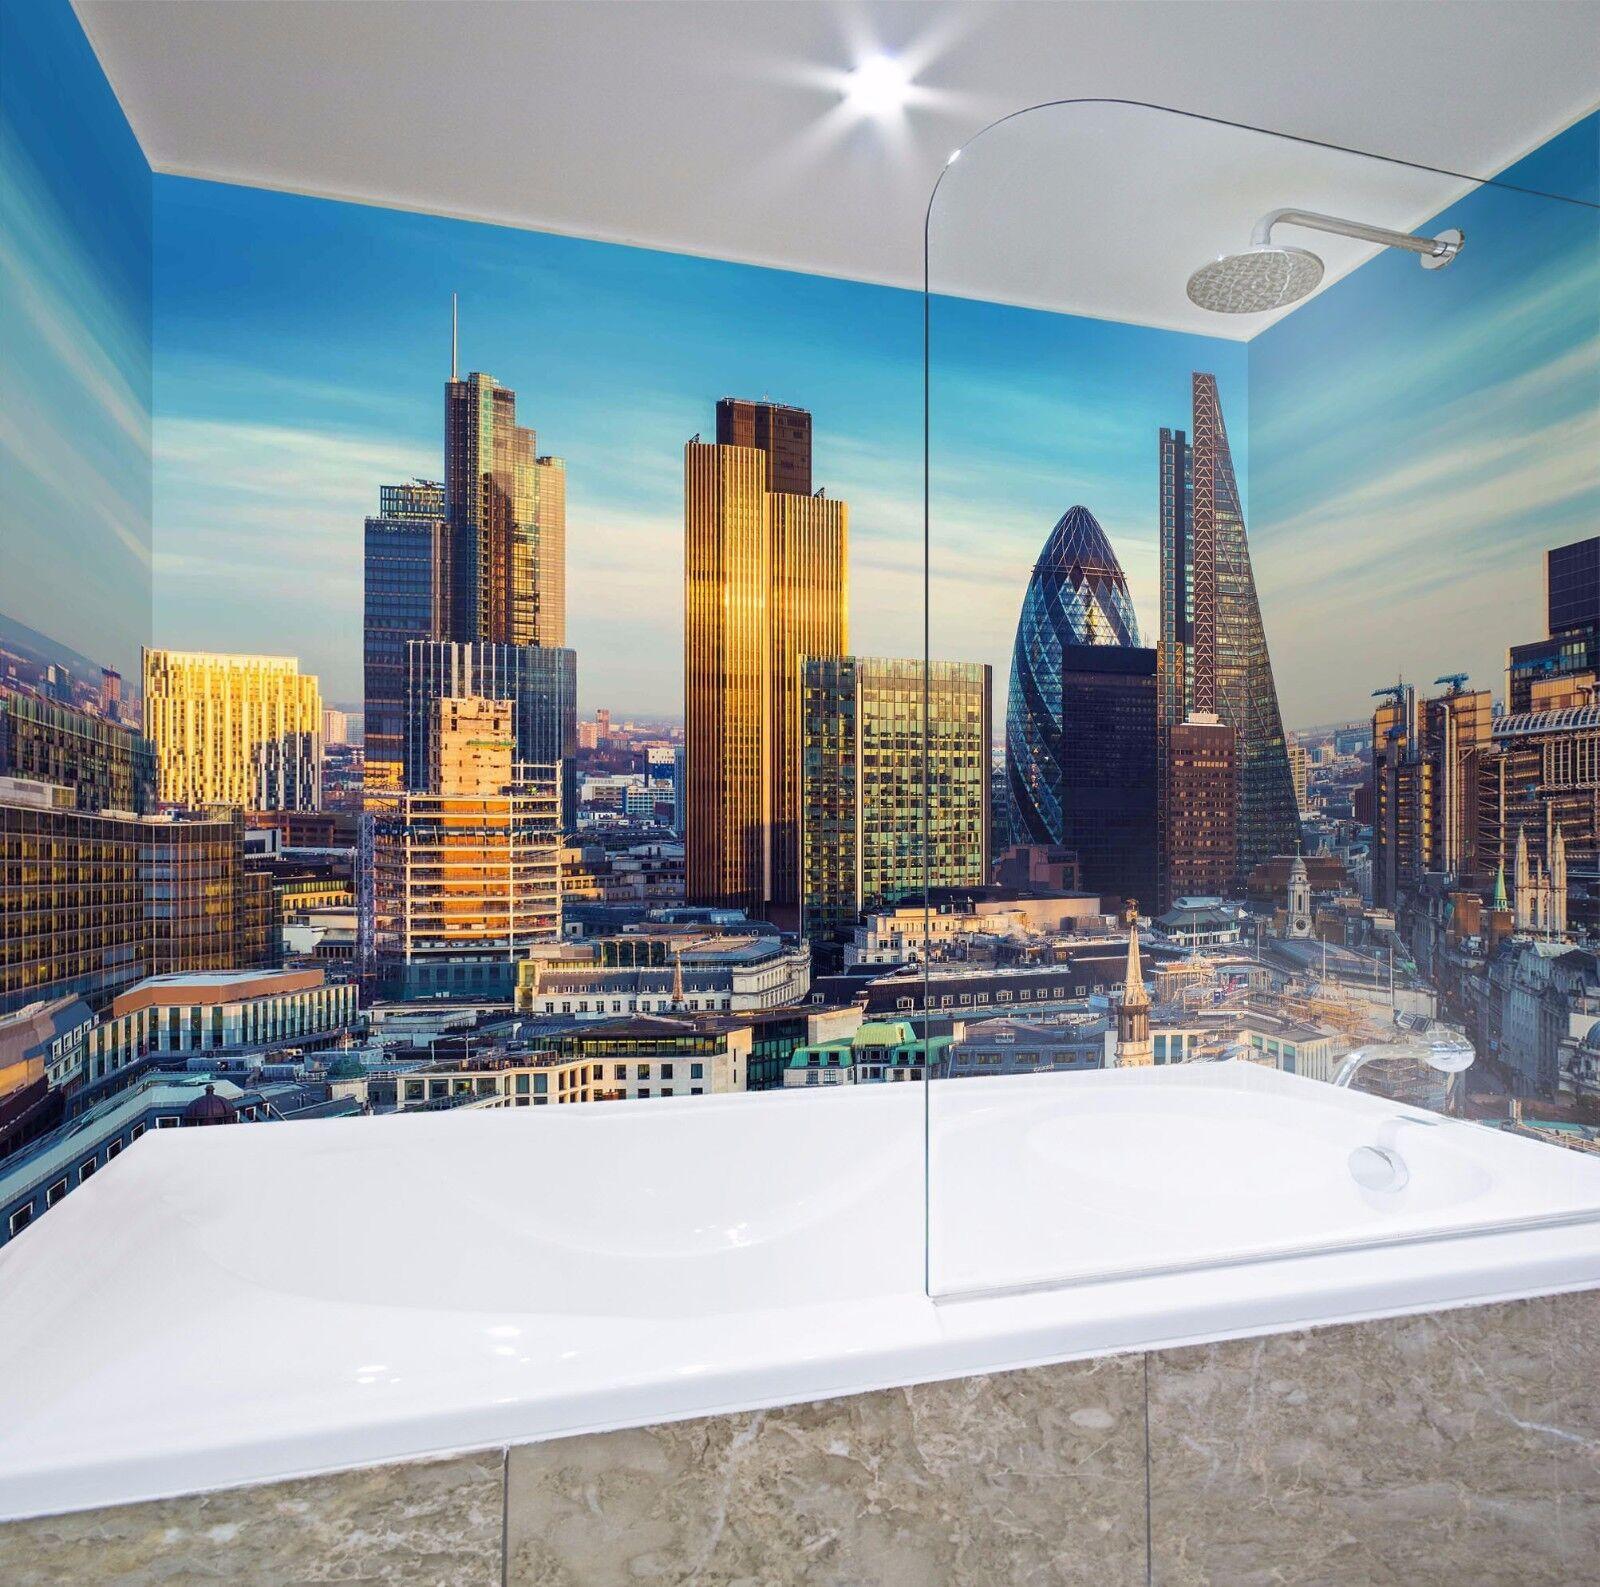 3D City Building 619 WallPaper Bathroom Print Decal Wall Deco AJ WALLPAPER AU